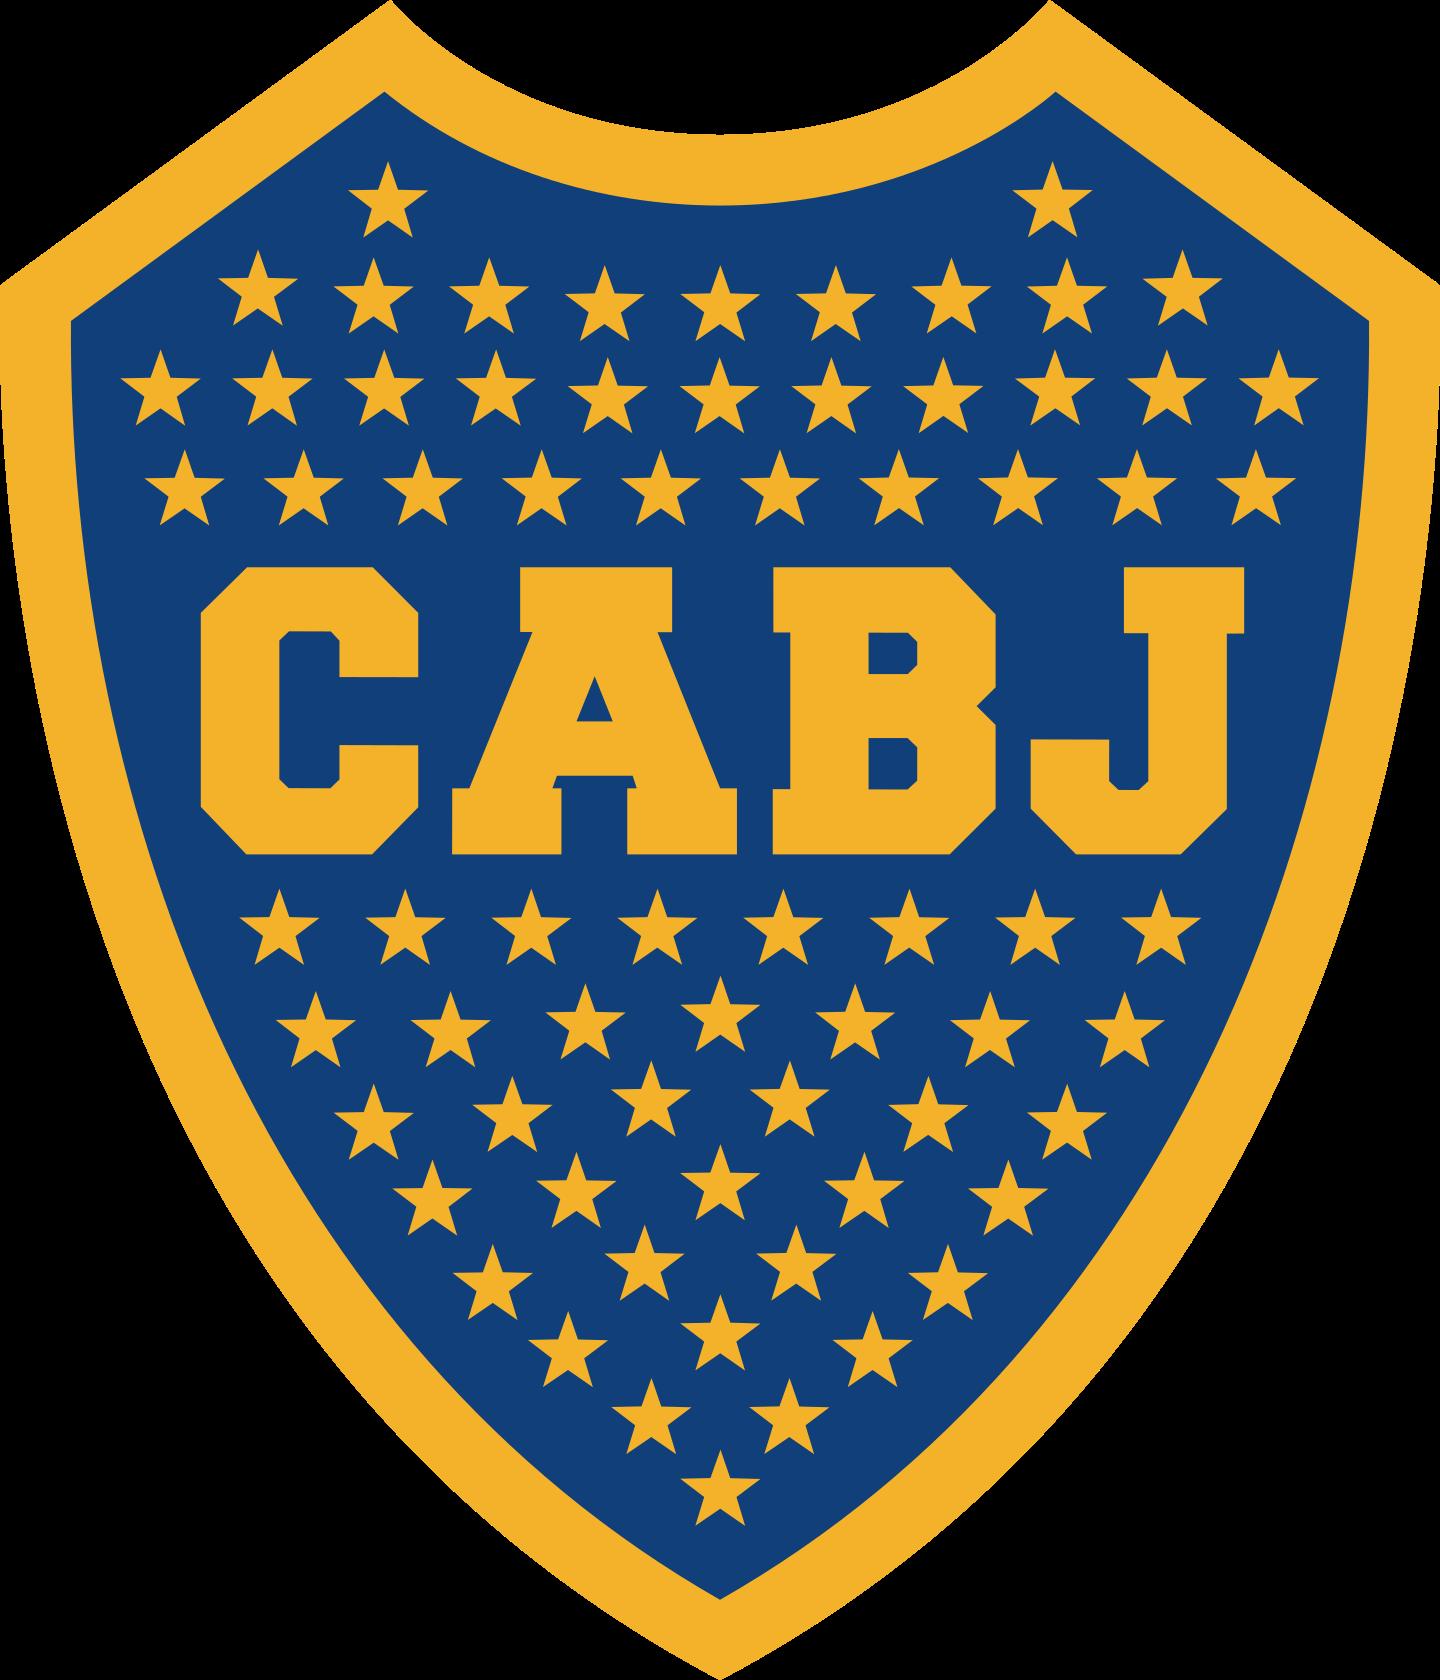 boca juniors logo escudo 2 1 - Boca Juniors Logo